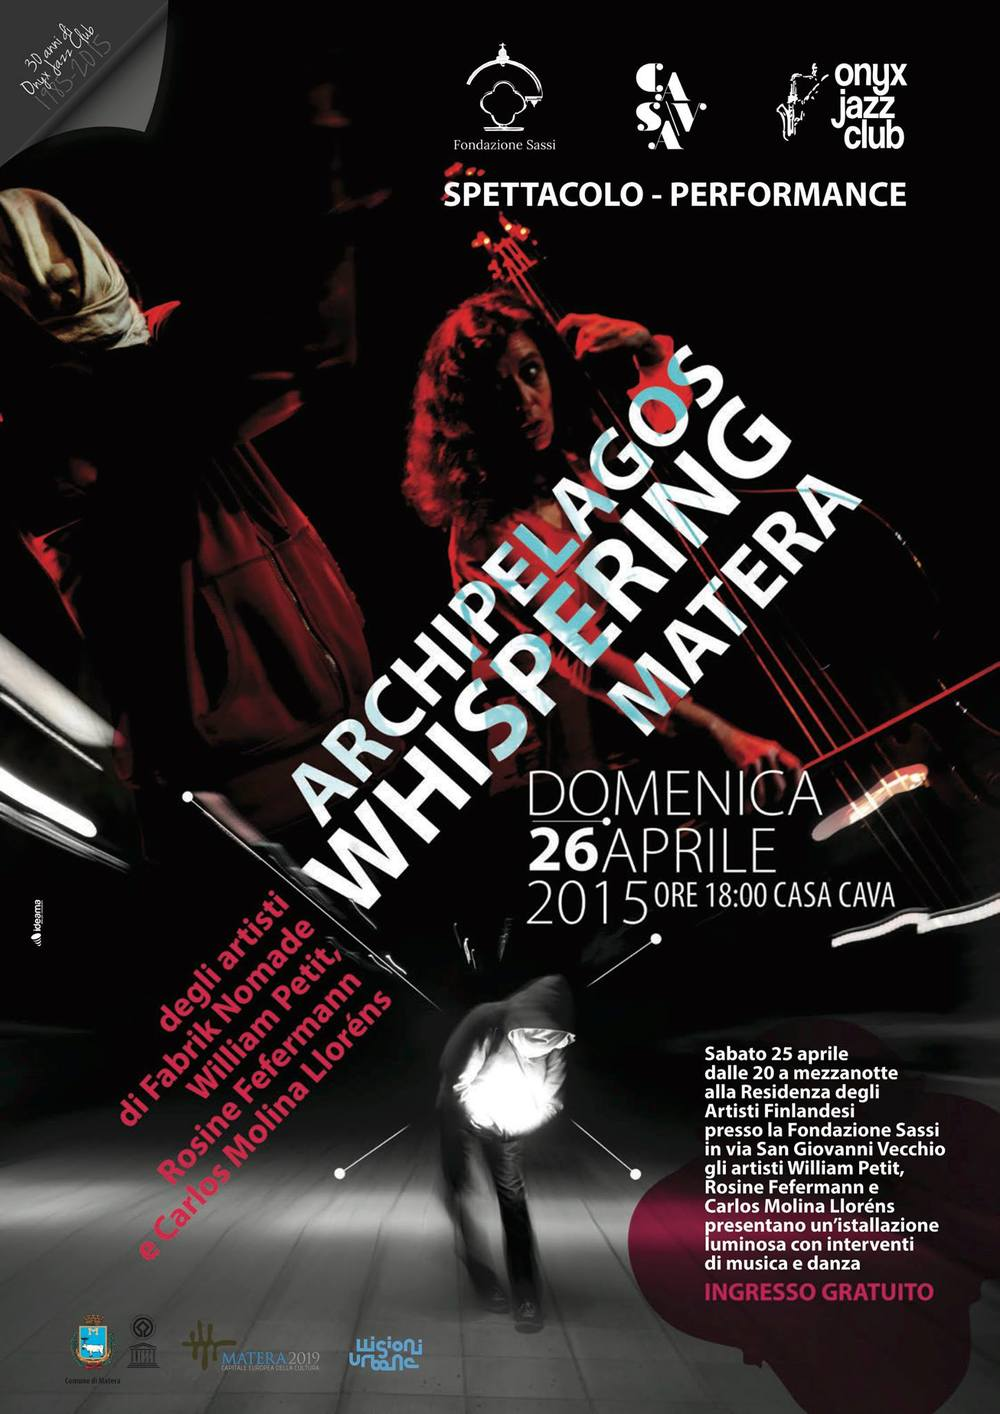 Flyer for Archipelagos Whispering.